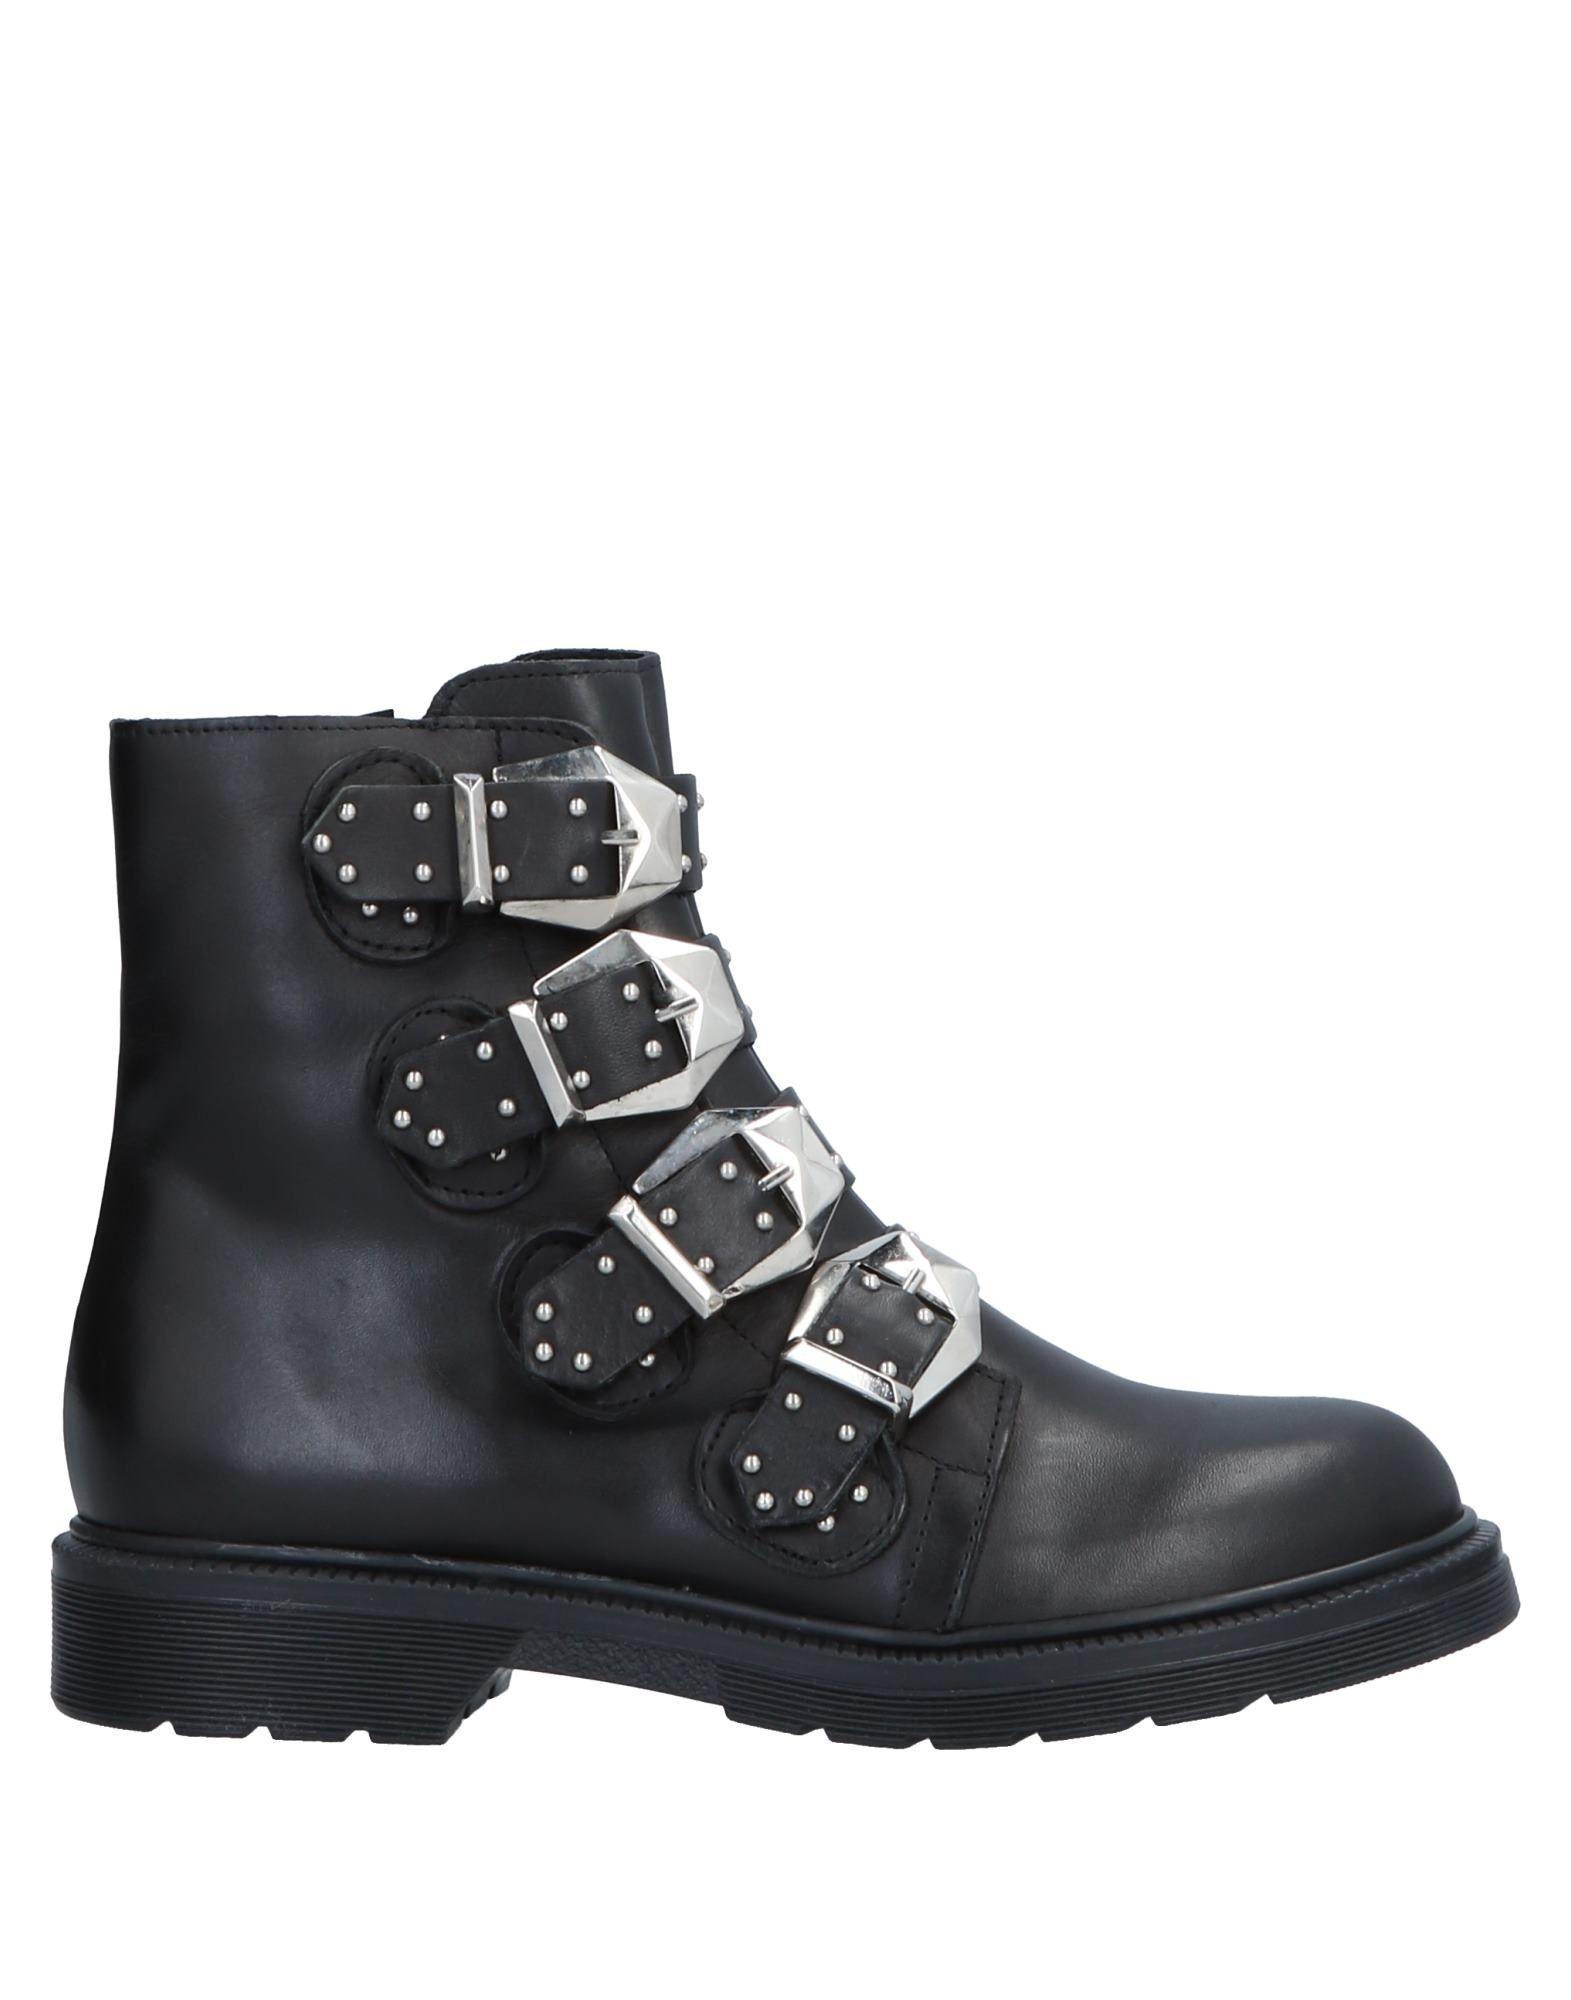 Ovye' By Cristina Lucchi Stiefelette Damen  11535789HX Gute Qualität beliebte Schuhe